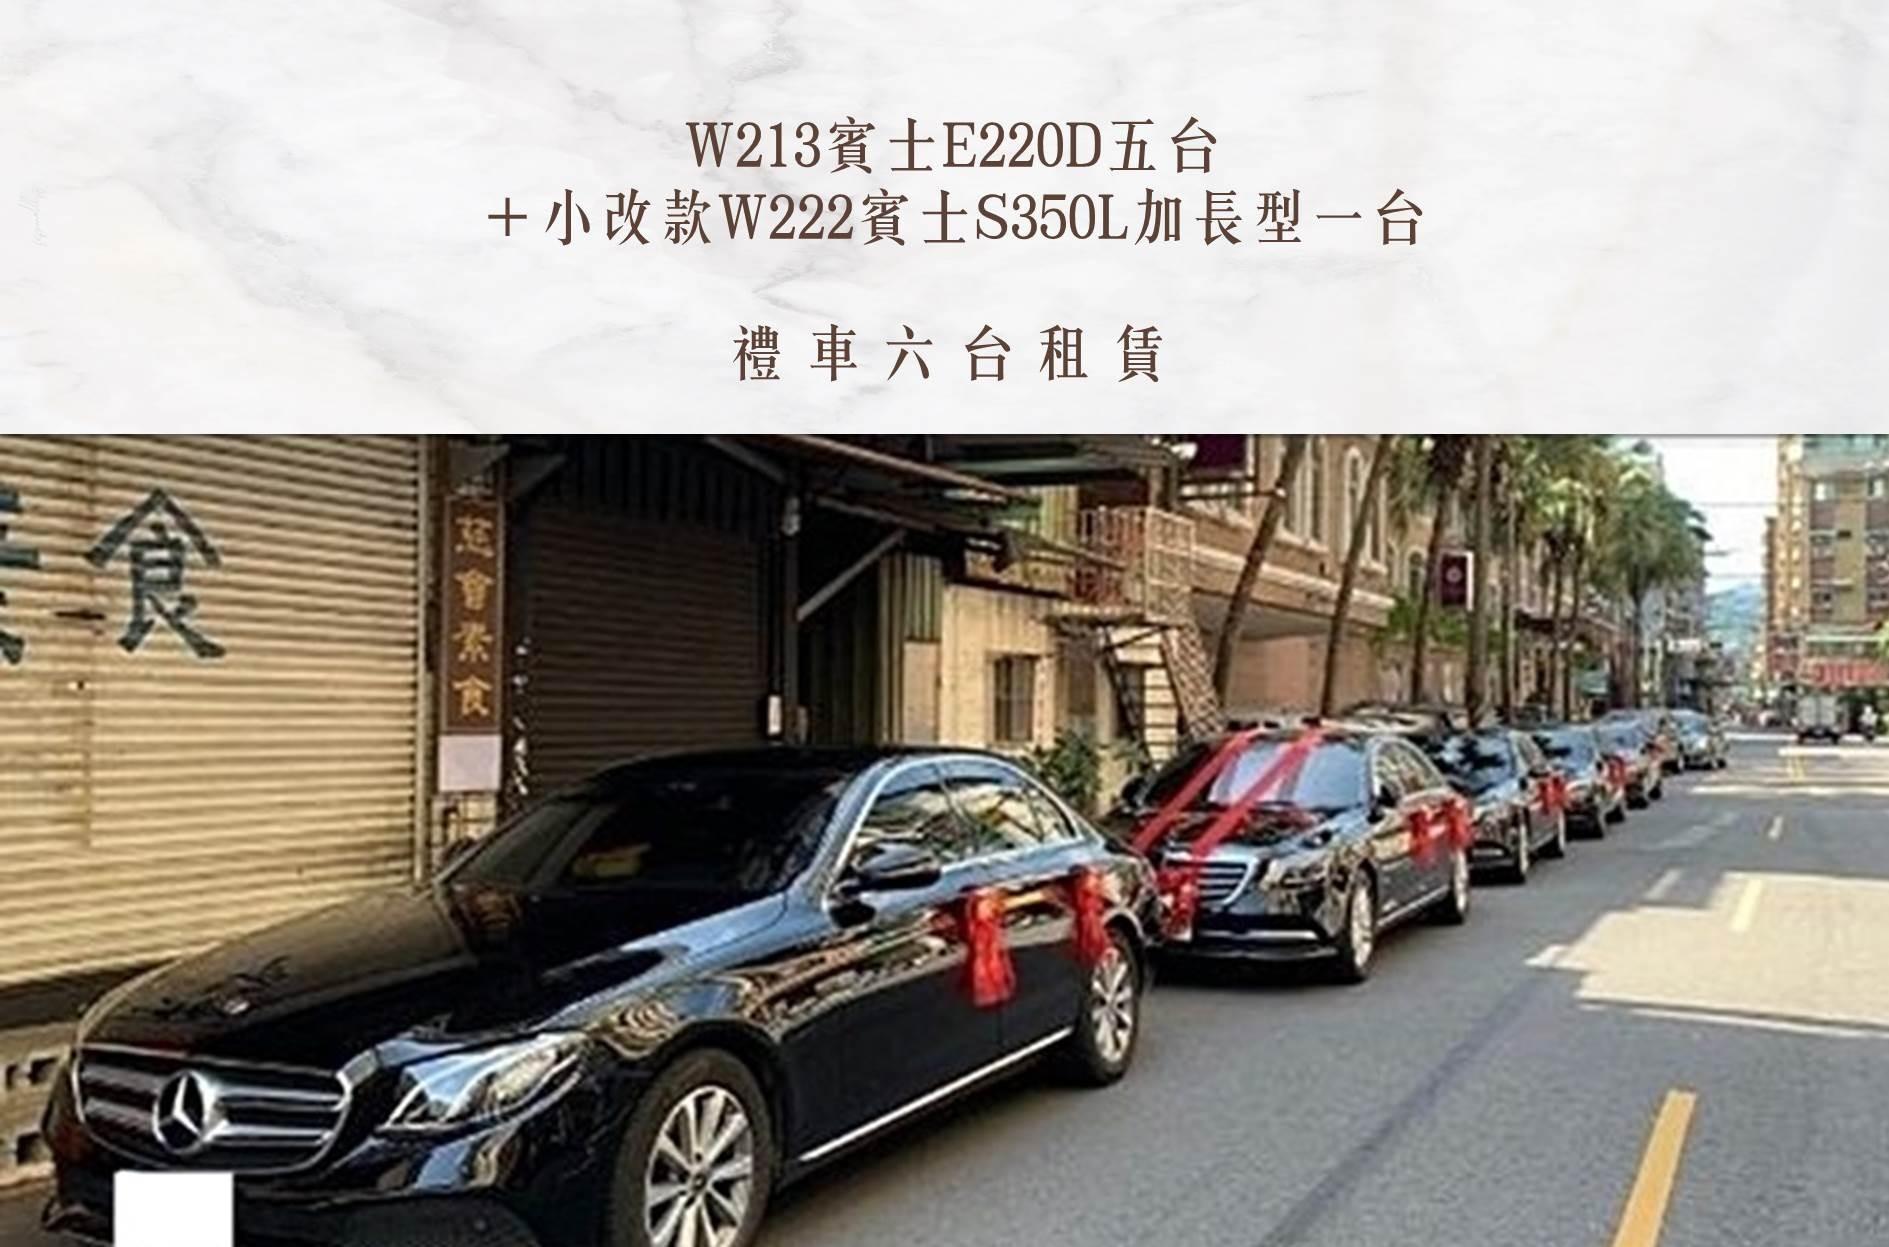 W213賓士E220D五台+小改款W222賓士S350L加長型一台